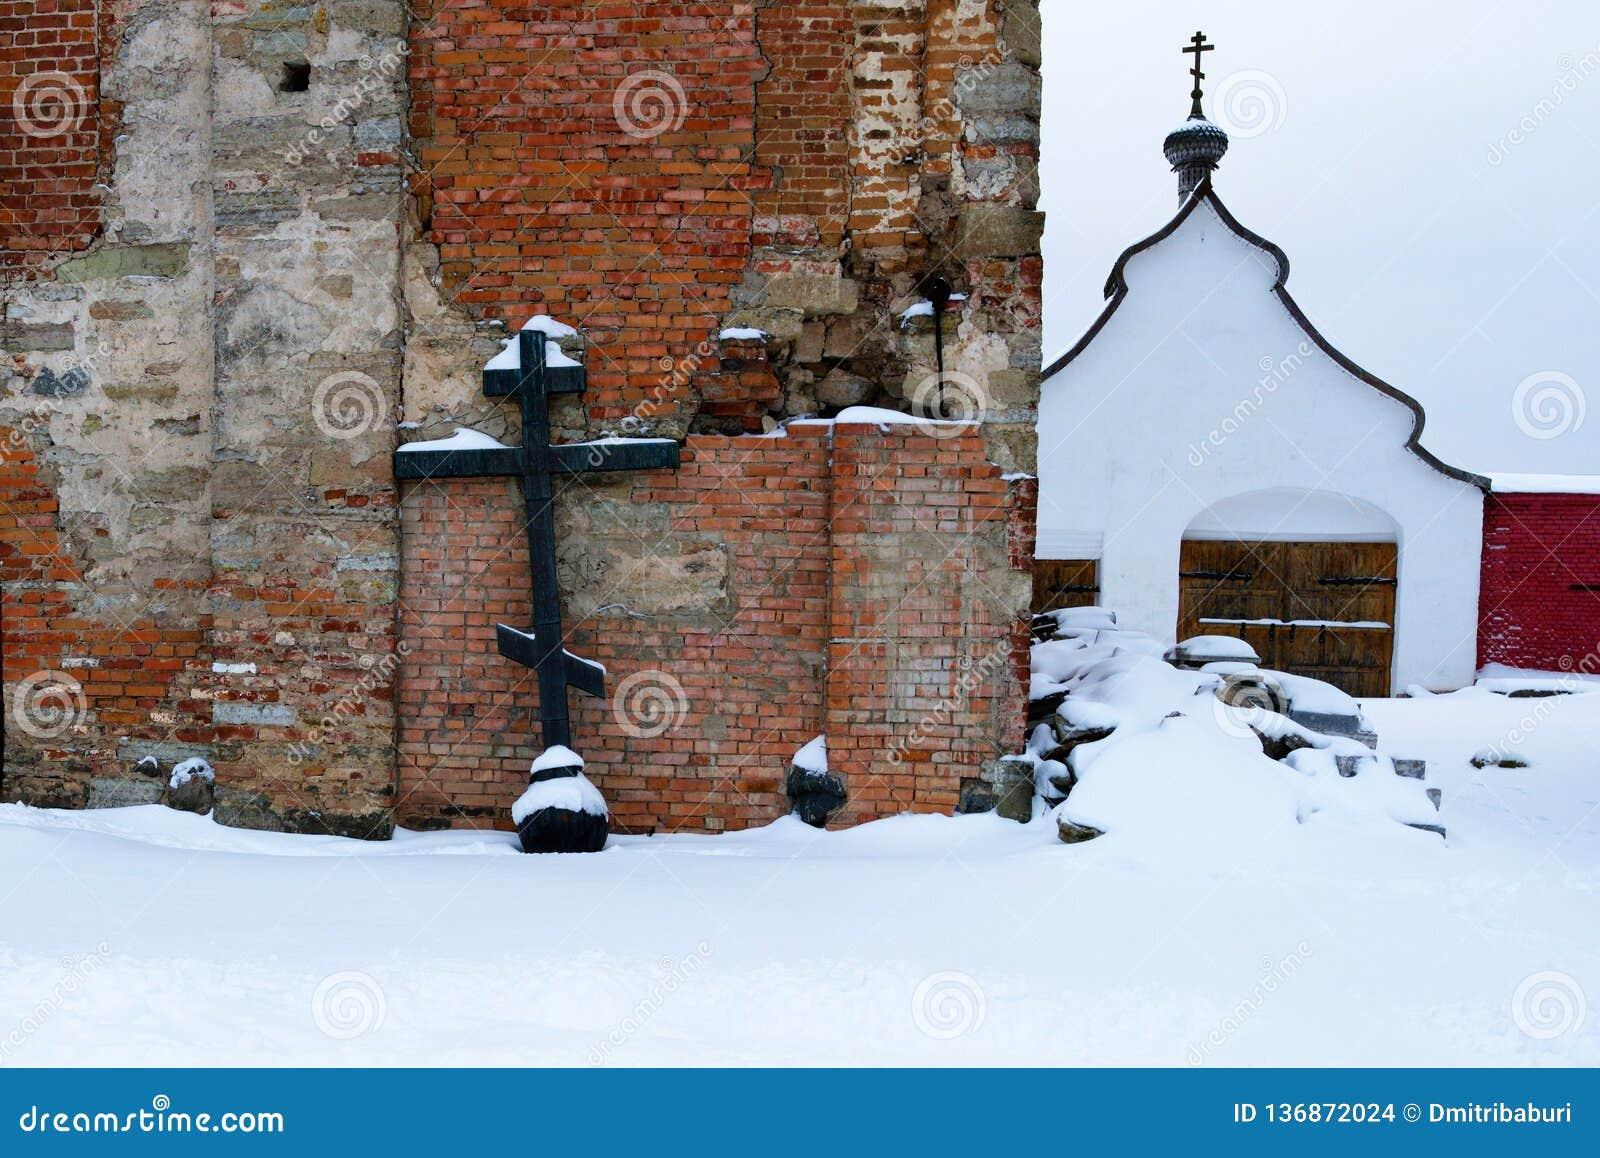 Правоверный крест, съемка от купола разрушанной часовни в монастыре людей, Россия, зима